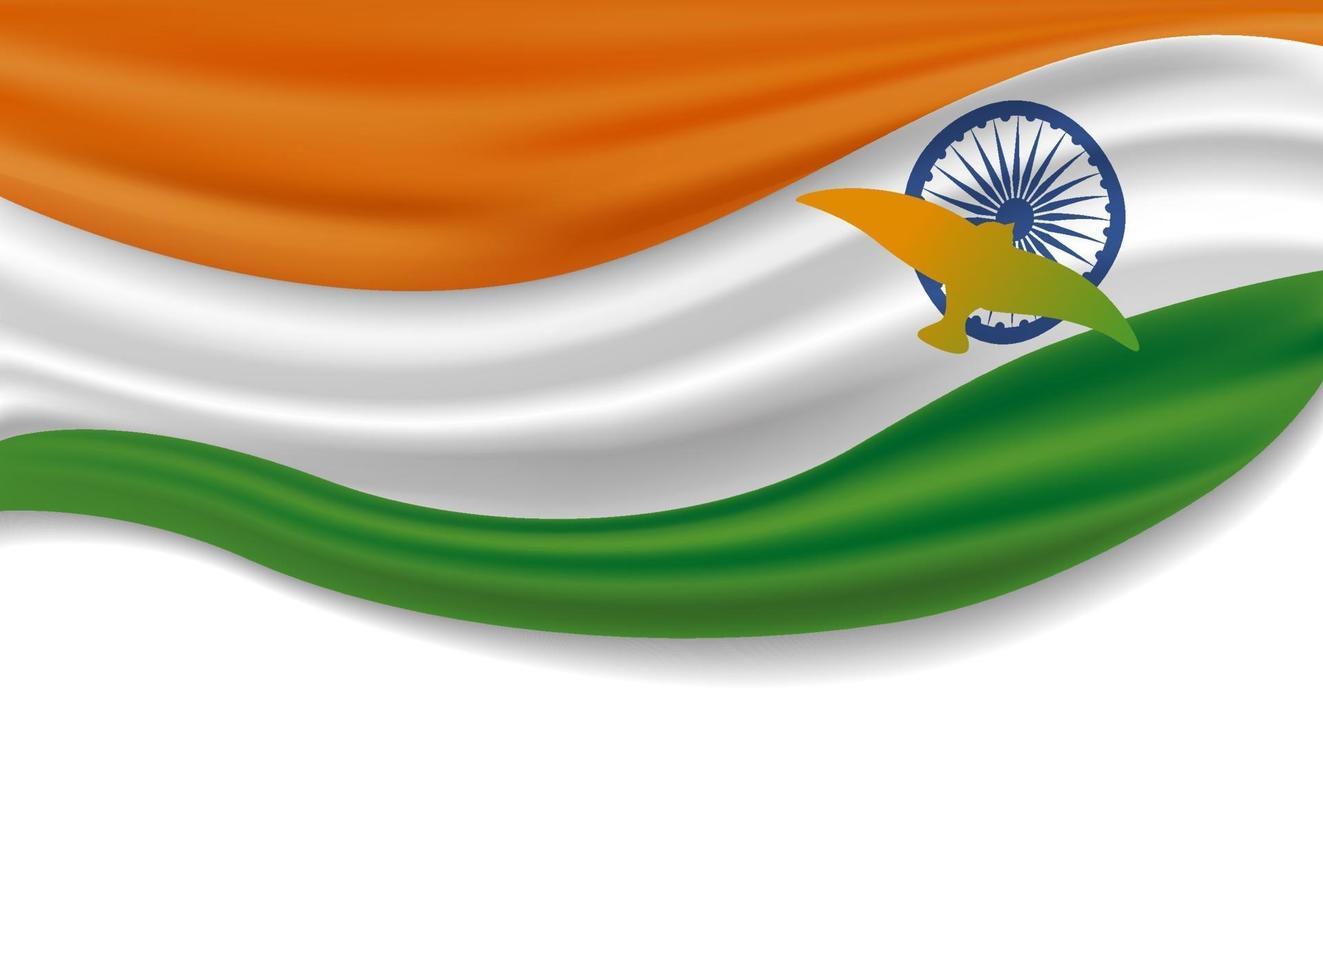 15 août conception de la fête de l'indépendance de l'inde du drapeau indien avec des oiseaux sur illustration vectorielle fond blanc vecteur